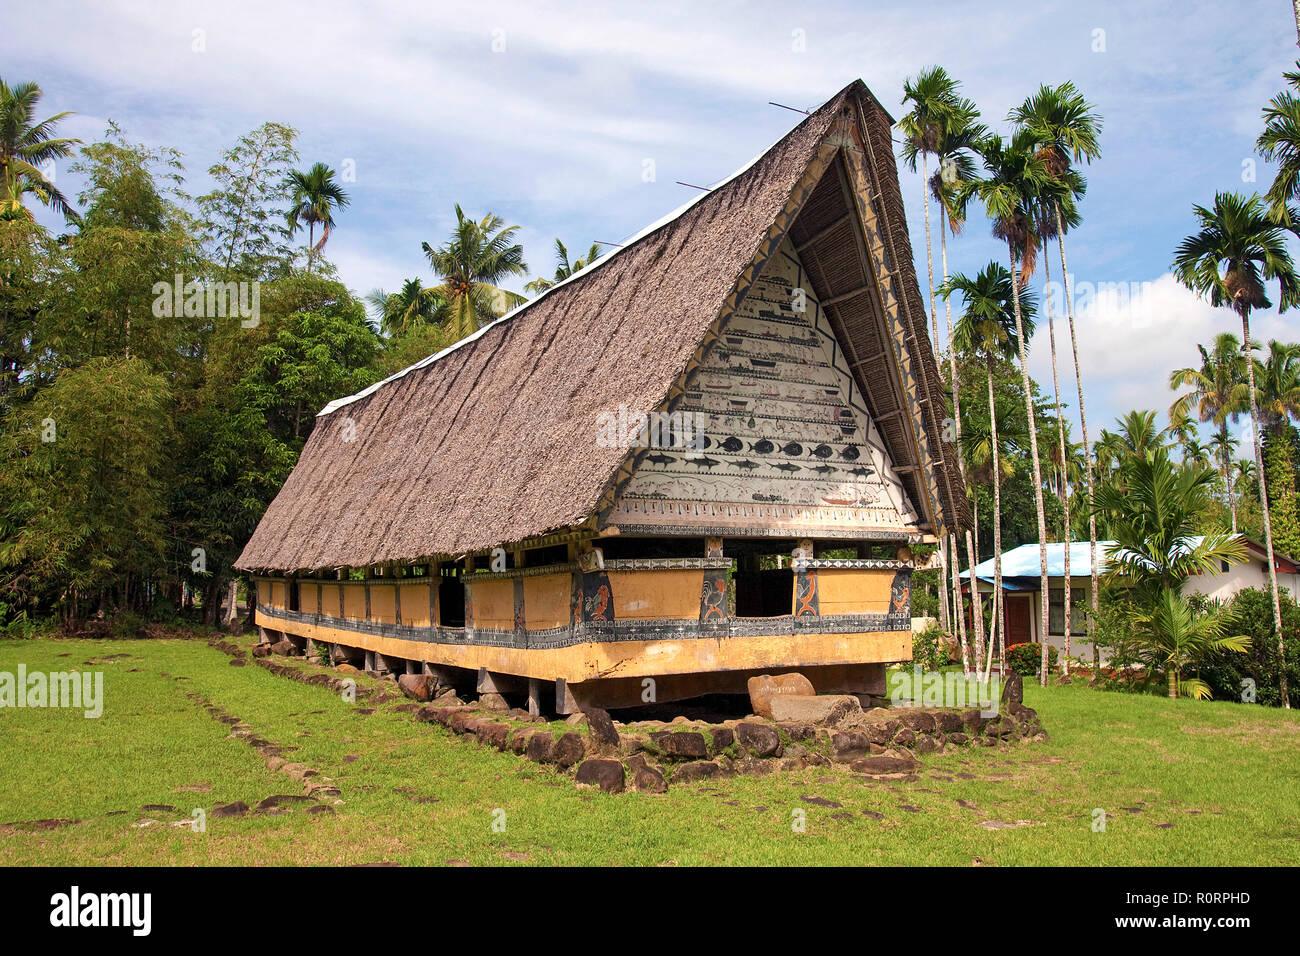 15-4 Männerhaus aus der Zeit des traditionellen Verwaltungssystems, Palau, Mikronesien | Traditionelle Männer Haus auf der Insel Palau, Mikronesien Stockbild